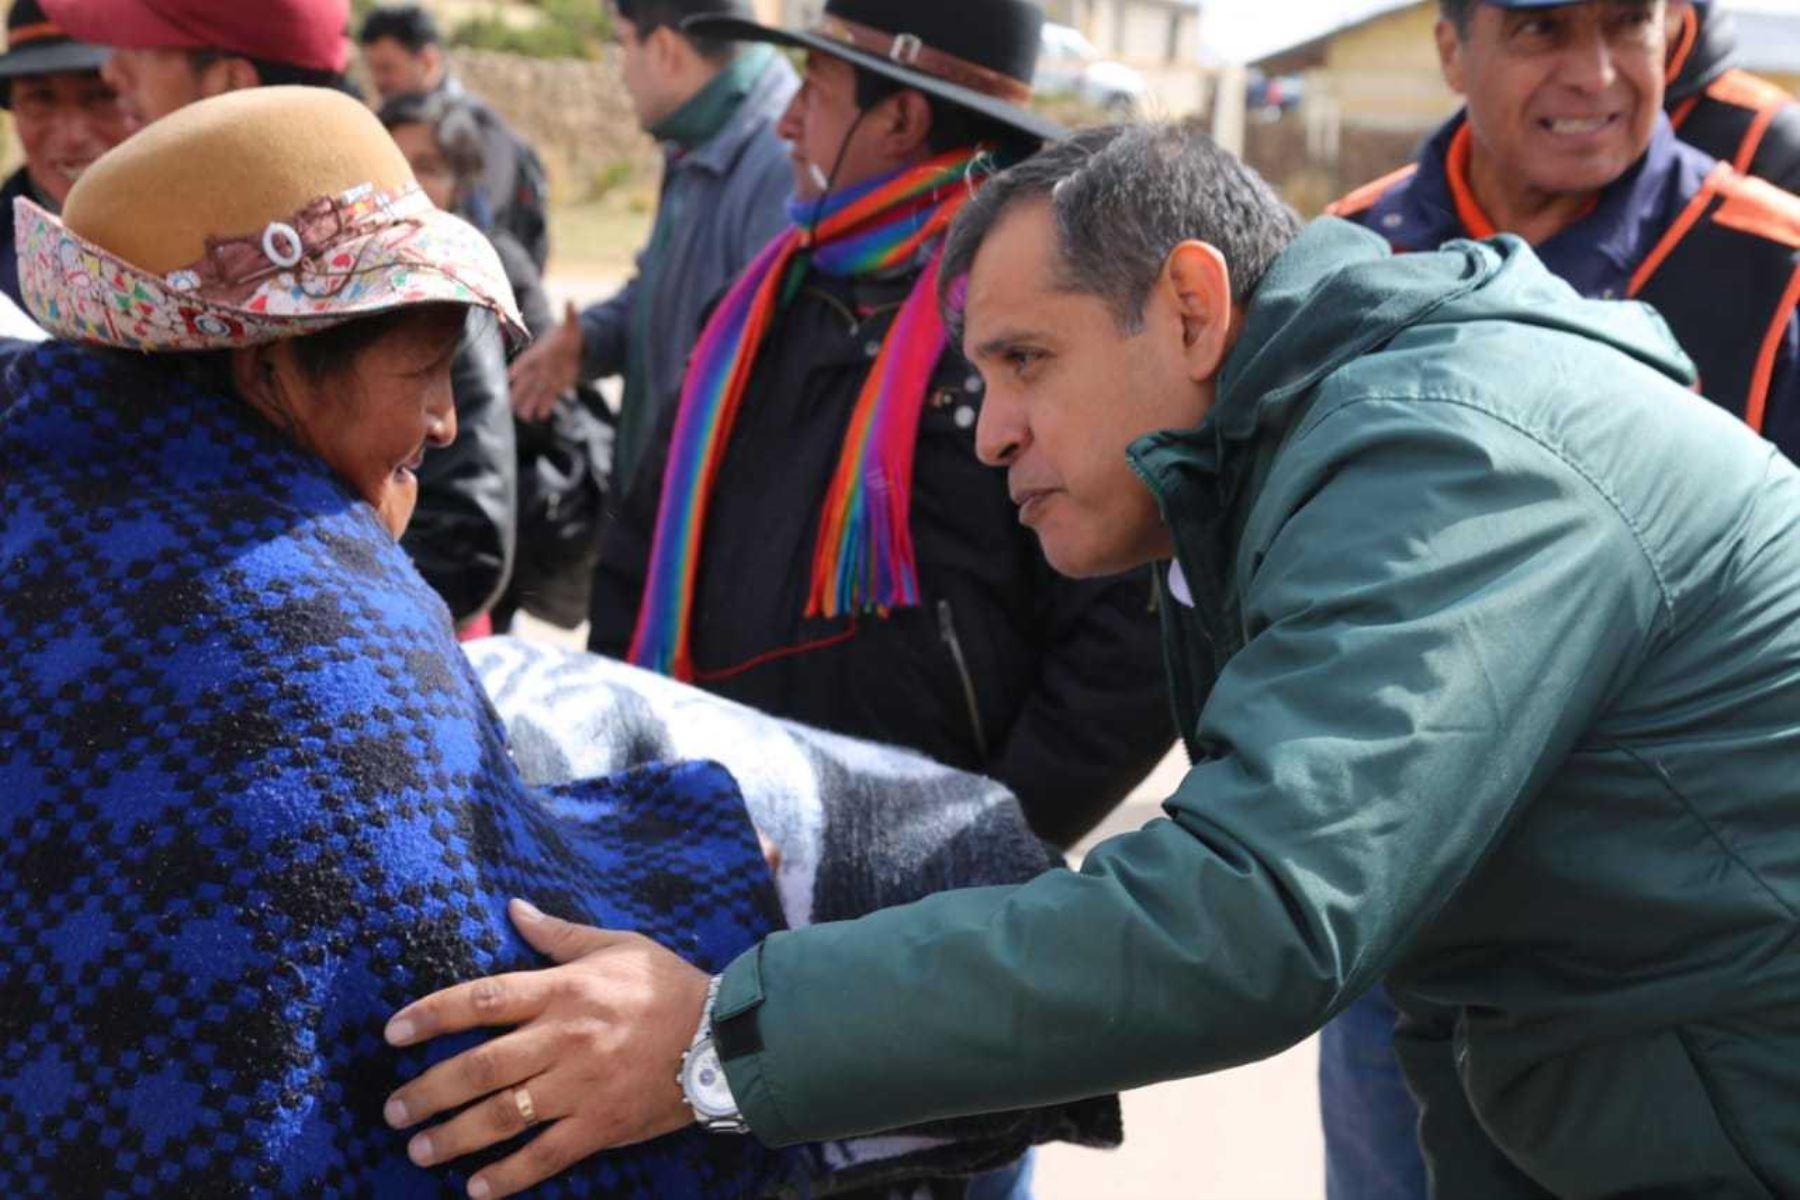 En representación del presidente de la República, Martín Vizcarra, el ministro de Agricultura, Gustavo Mostajo, llegó hoy a Arequipa para visitar las zonas declaradas en emergencias, tras la ocurrencia de heladas, y coordinar el envío de ayuda con el Comité de Emergencia Regional y el Instituto Nacional de Defensa Civil (Indeci).